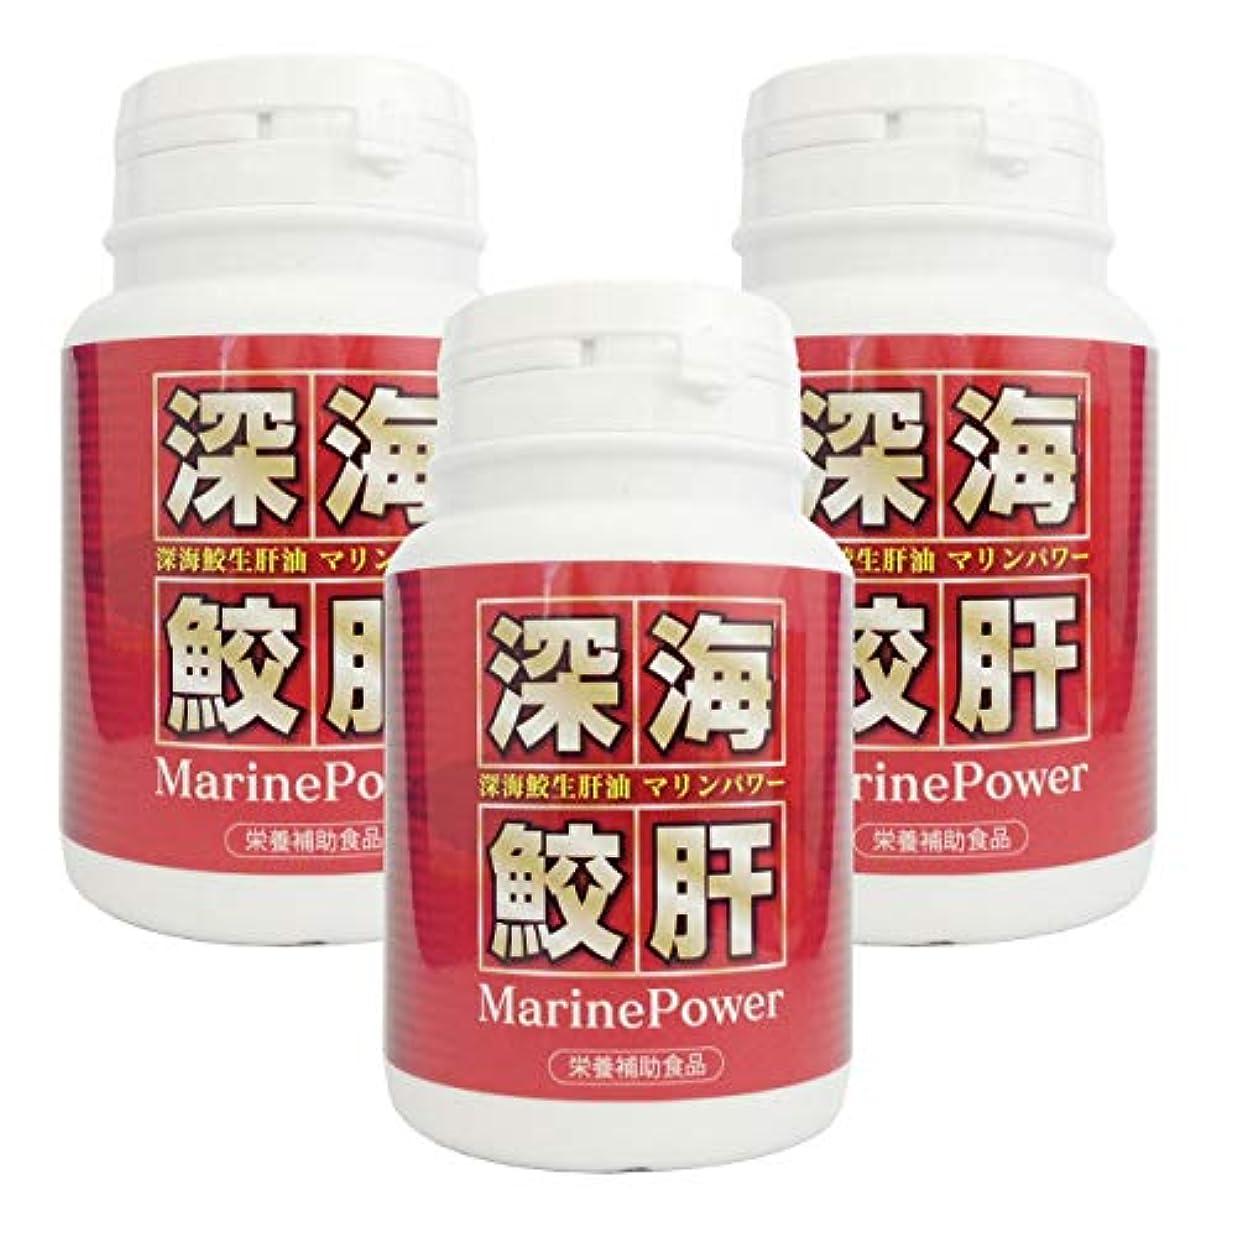 パシフィックお茶ウェイド深海鮫生肝油 マリンパワー 180粒 3本セット スクワレン オメガ3脂肪酸含有 (約3ヶ月分)